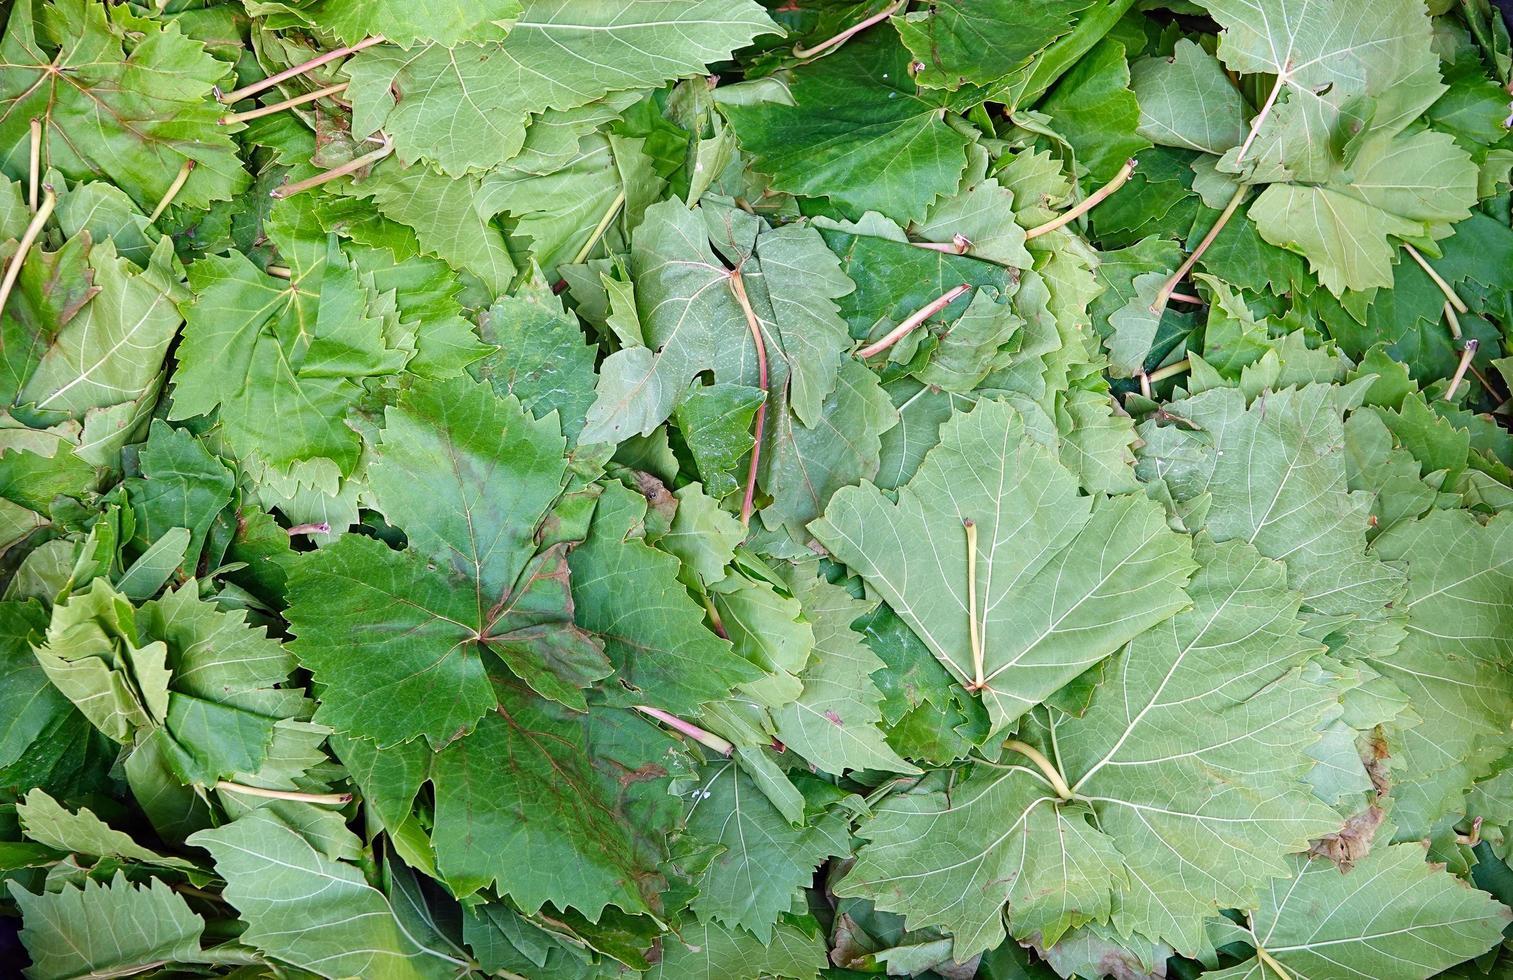 mullbärsblad för att göra turkisk mat sarma dolma foto